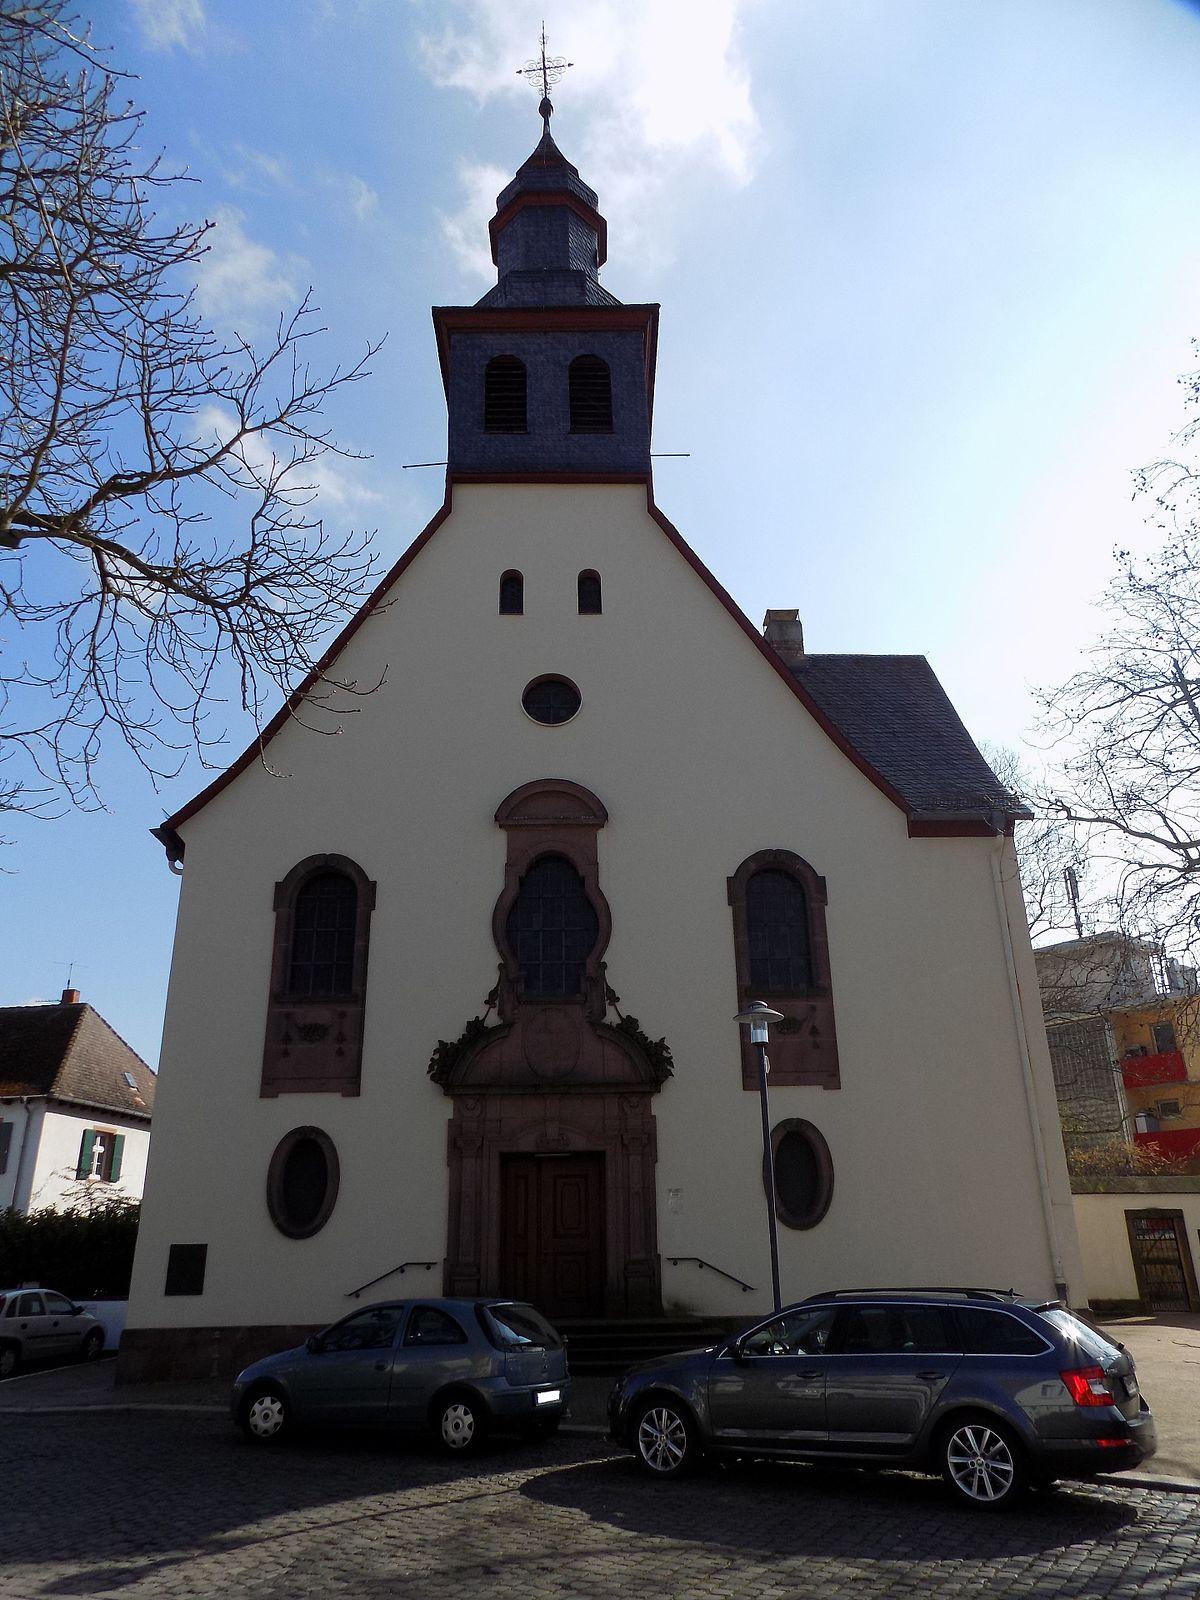 Evangelische Kirche (Worms-Neuhausen) - Wikipedia